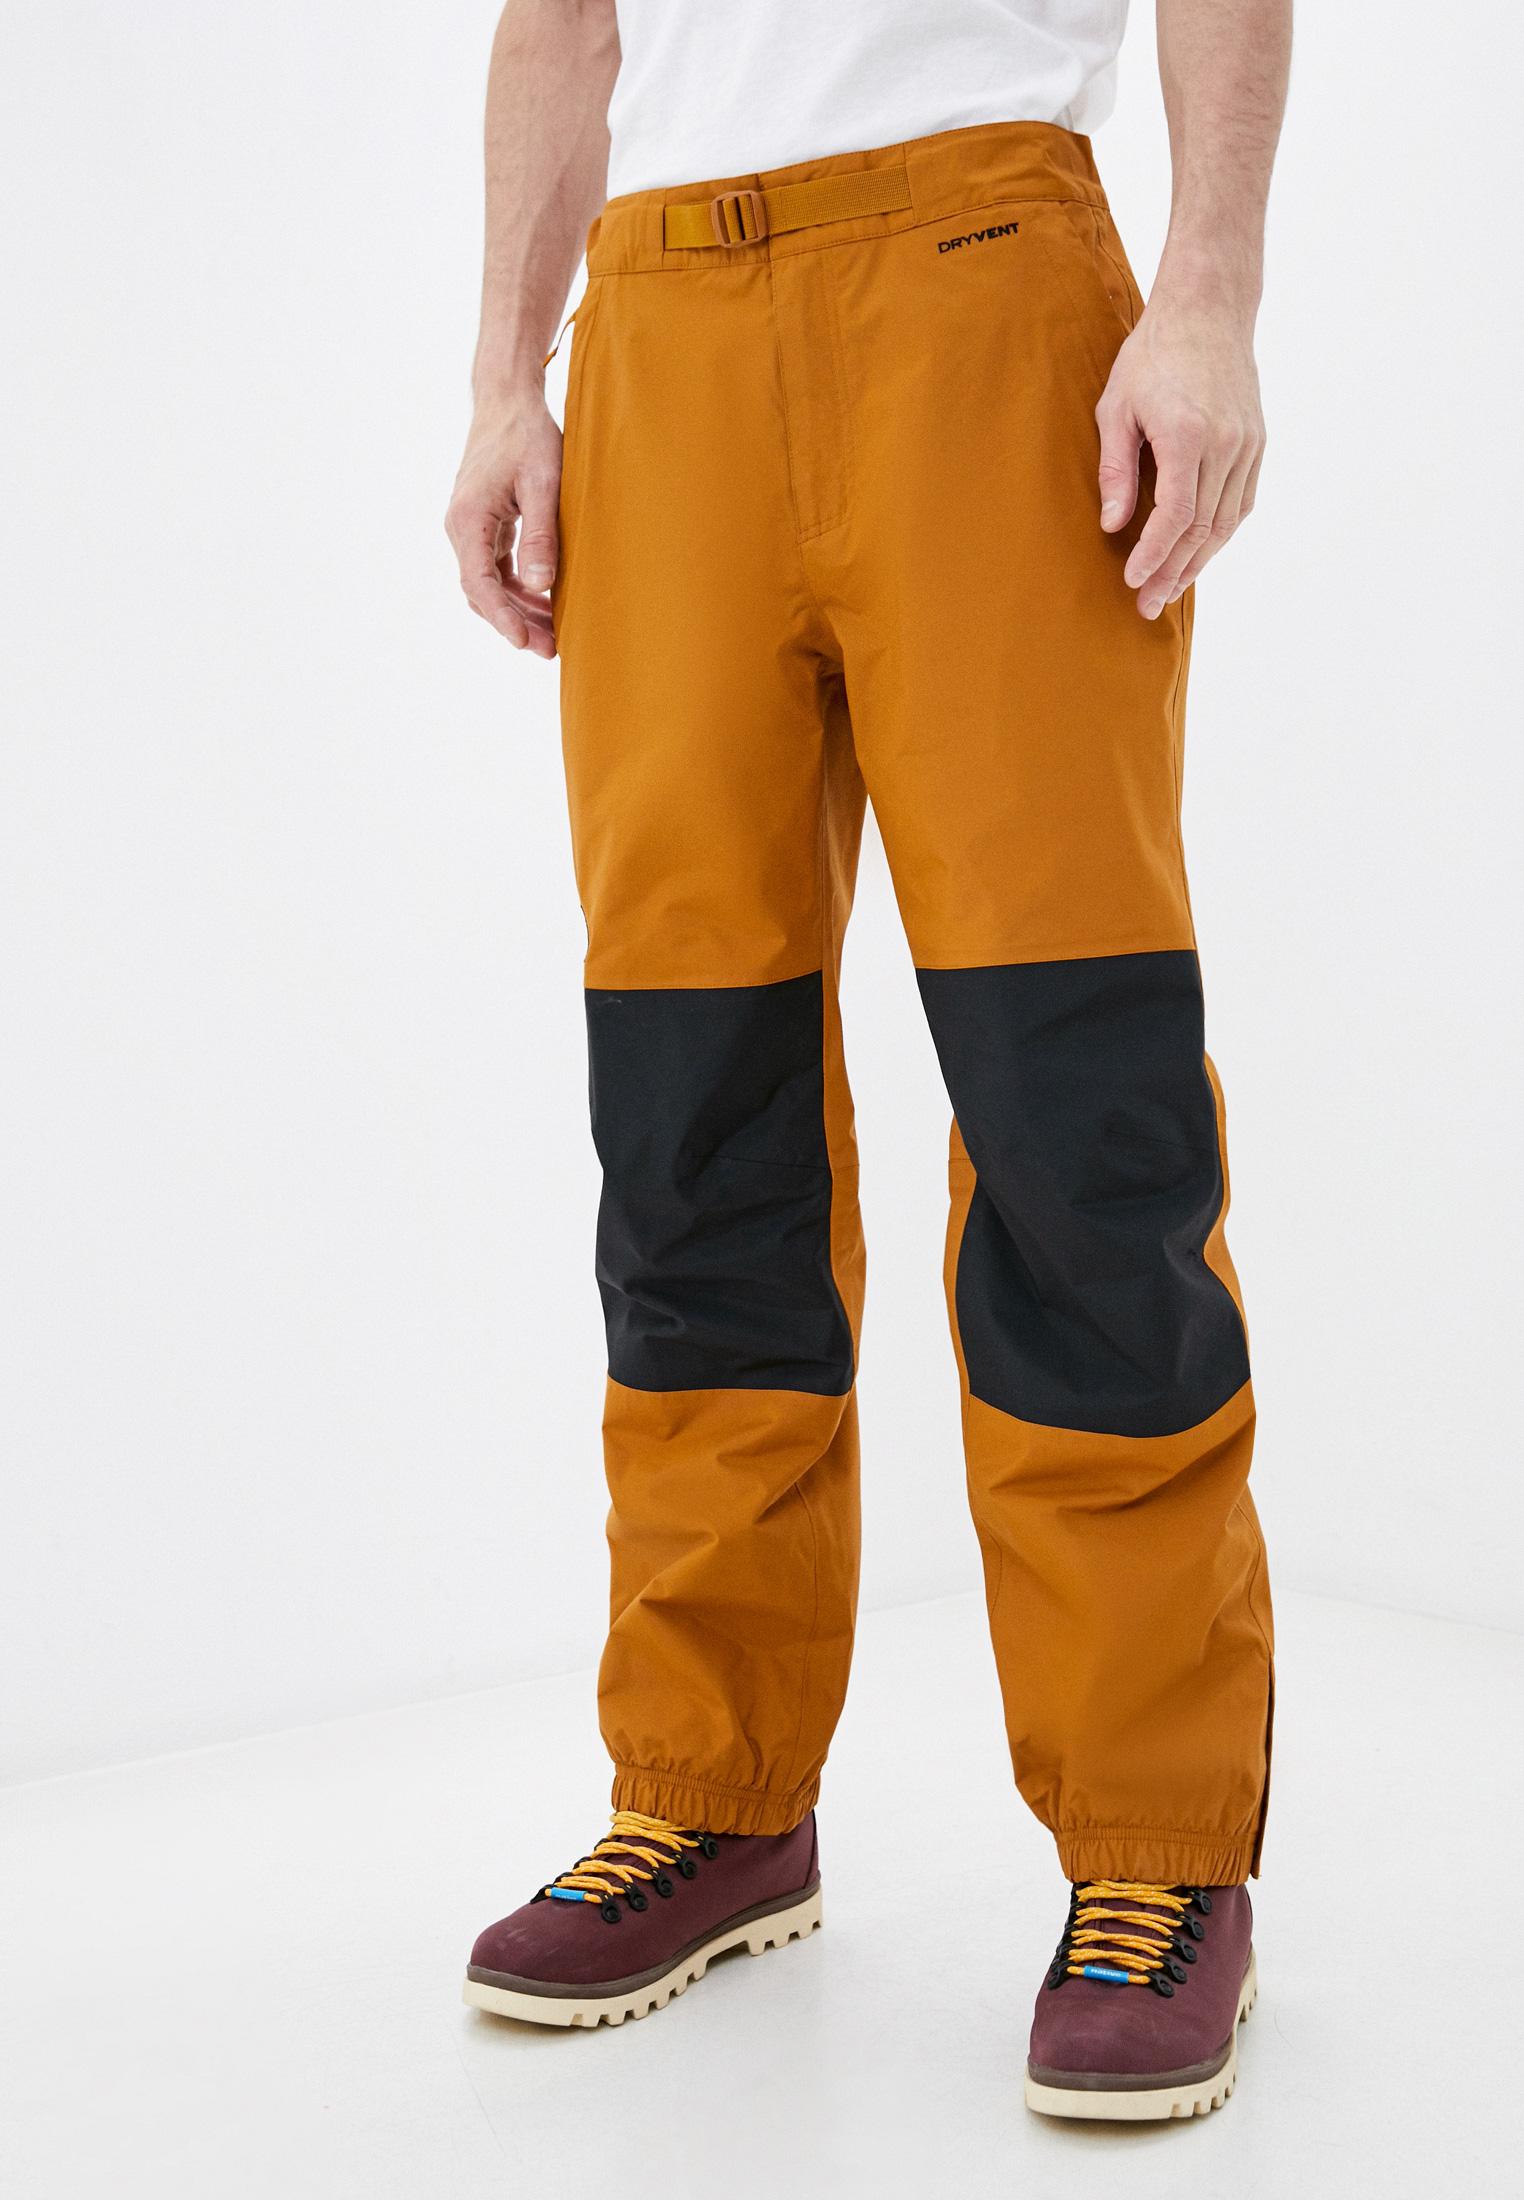 Мужские спортивные брюки The North Face (Норт Фейс) Брюки горнолыжные The North Face